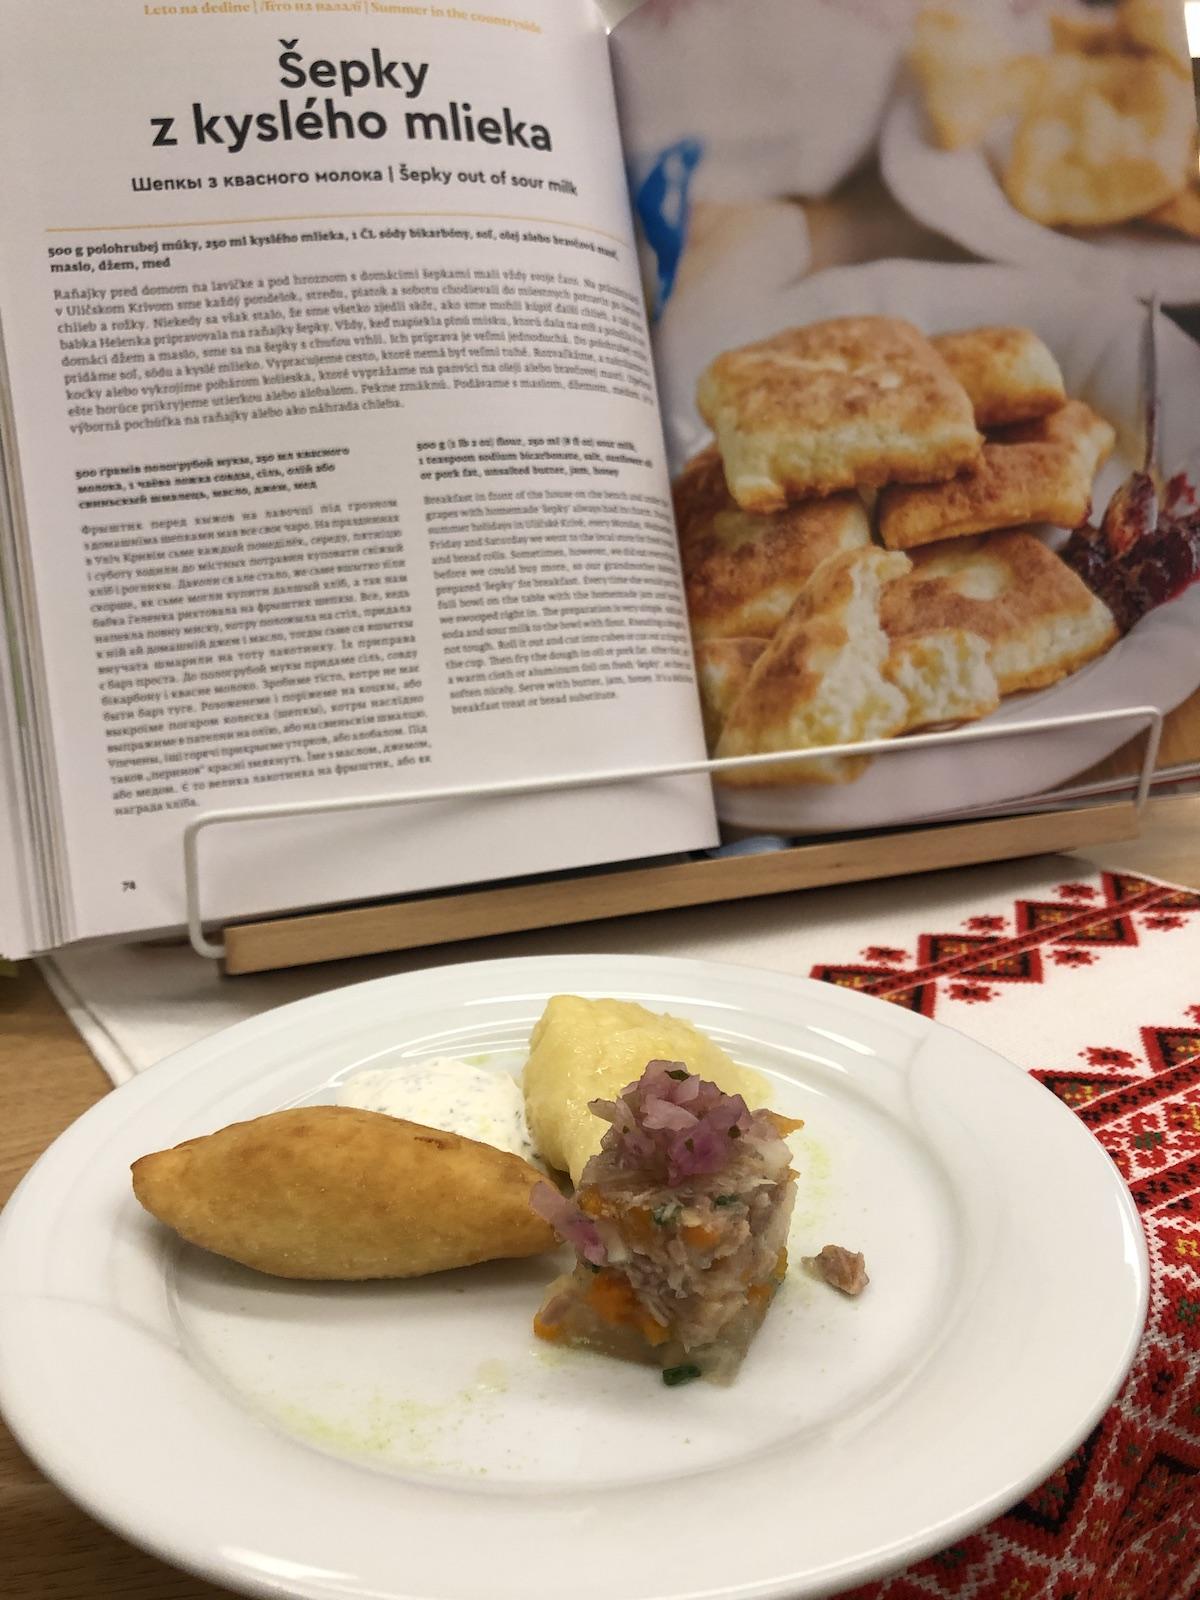 Rusínsky gastro víkend sa začal rusínskym tapasom - varený piroh, pečený piroh a tradičná studenina